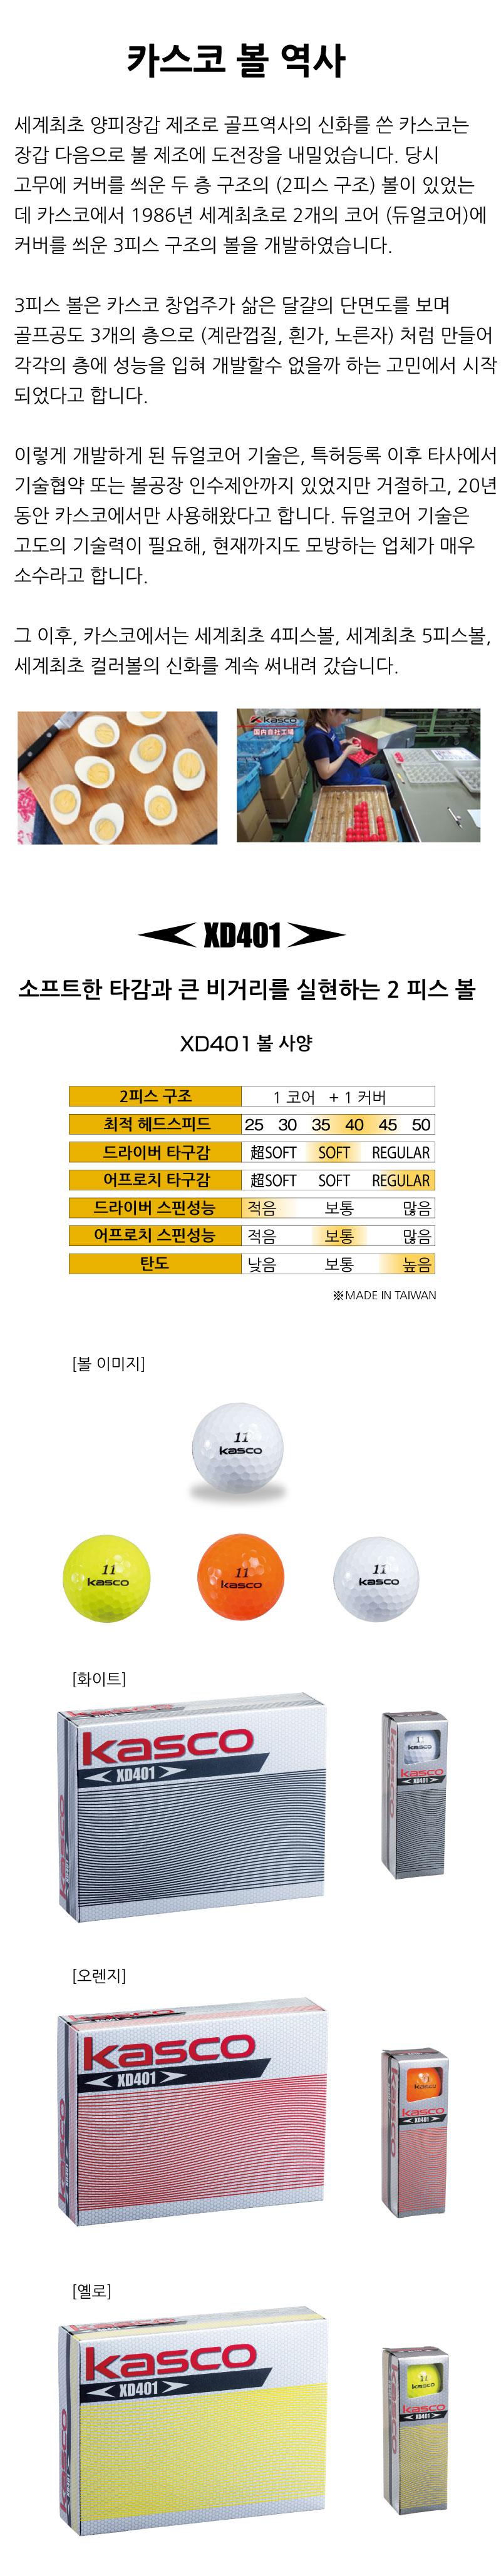 XD401-제품설명